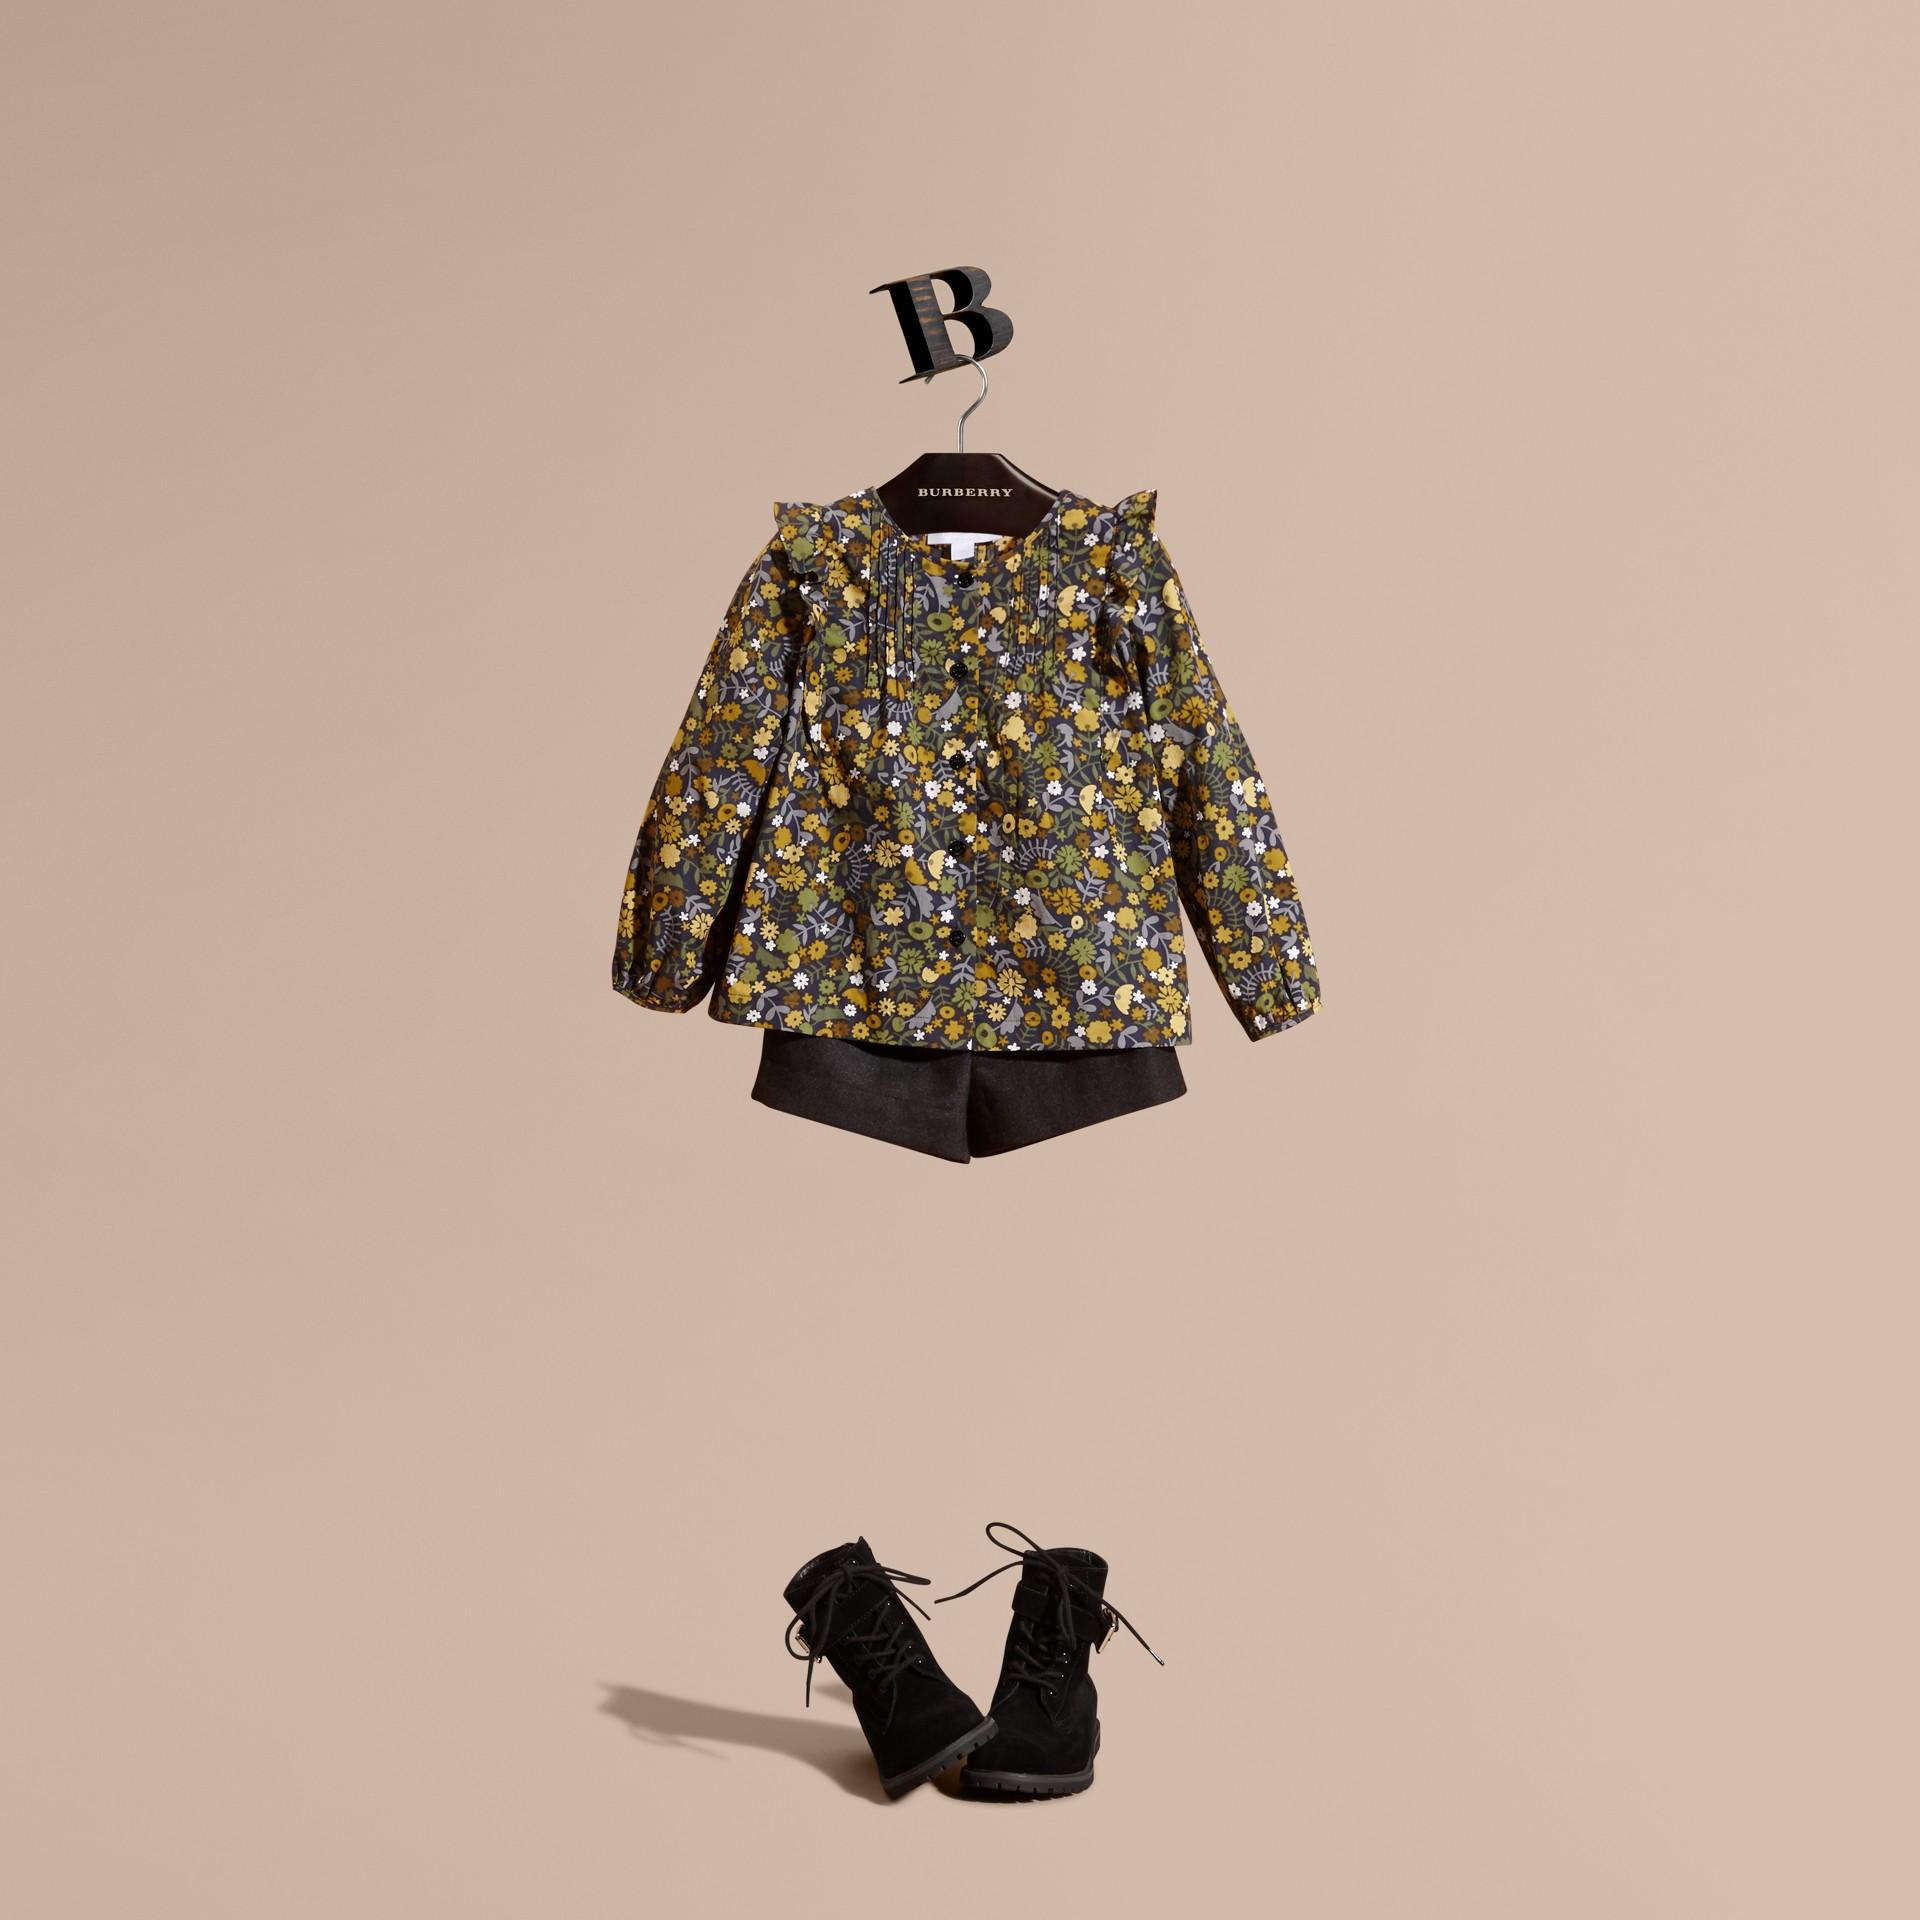 Rauchiges citrinfarben Bluse aus Baumwolle mit floralem Druck und Rüschendetail Rauchiges Citrinfarben - Galerie-Bild 1